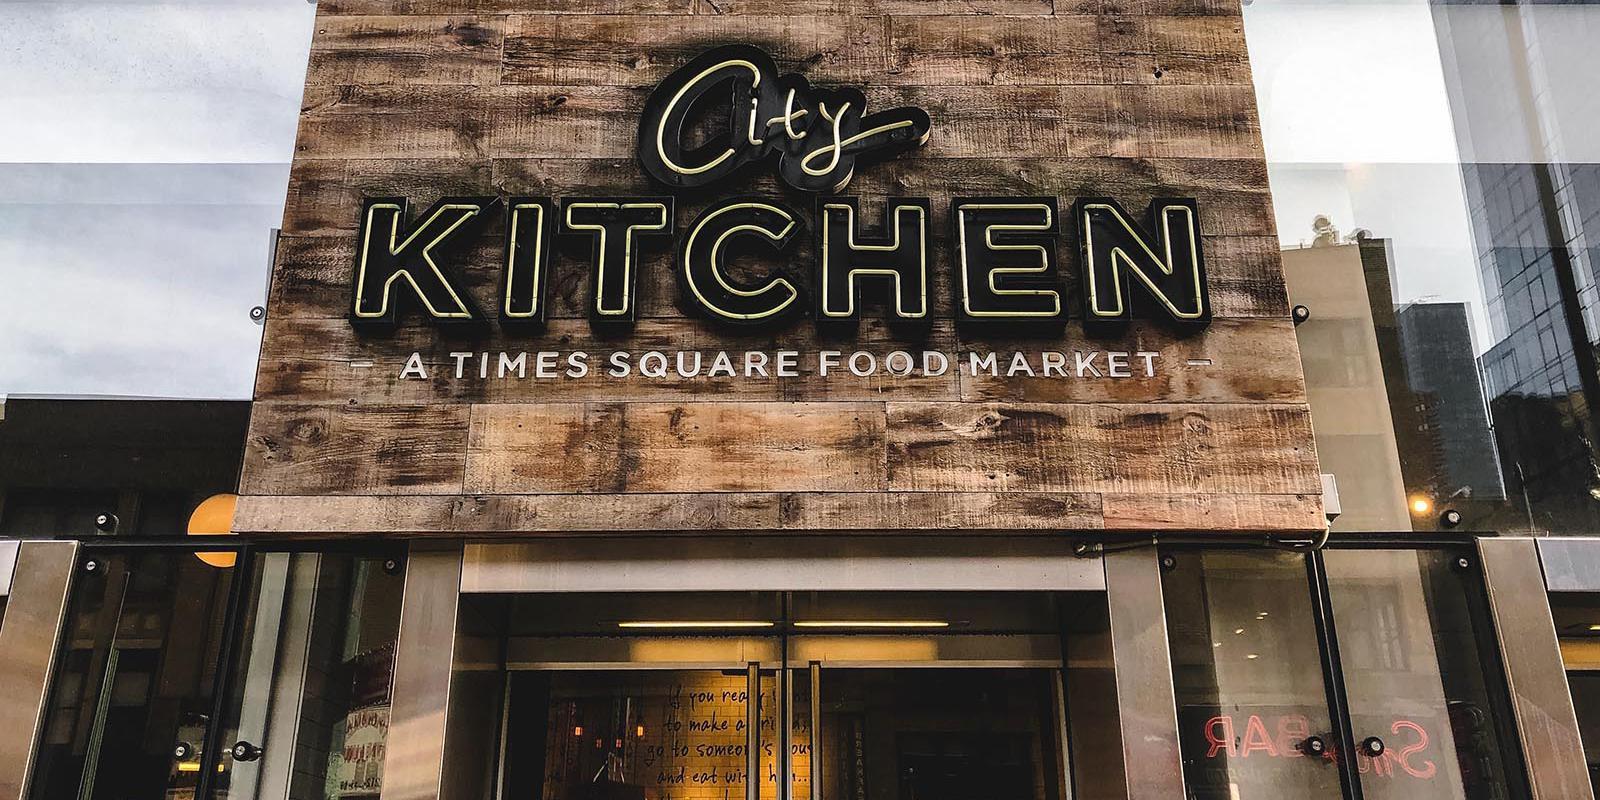 ᐅ Welche Sind Die Besten Food Markets In New York City